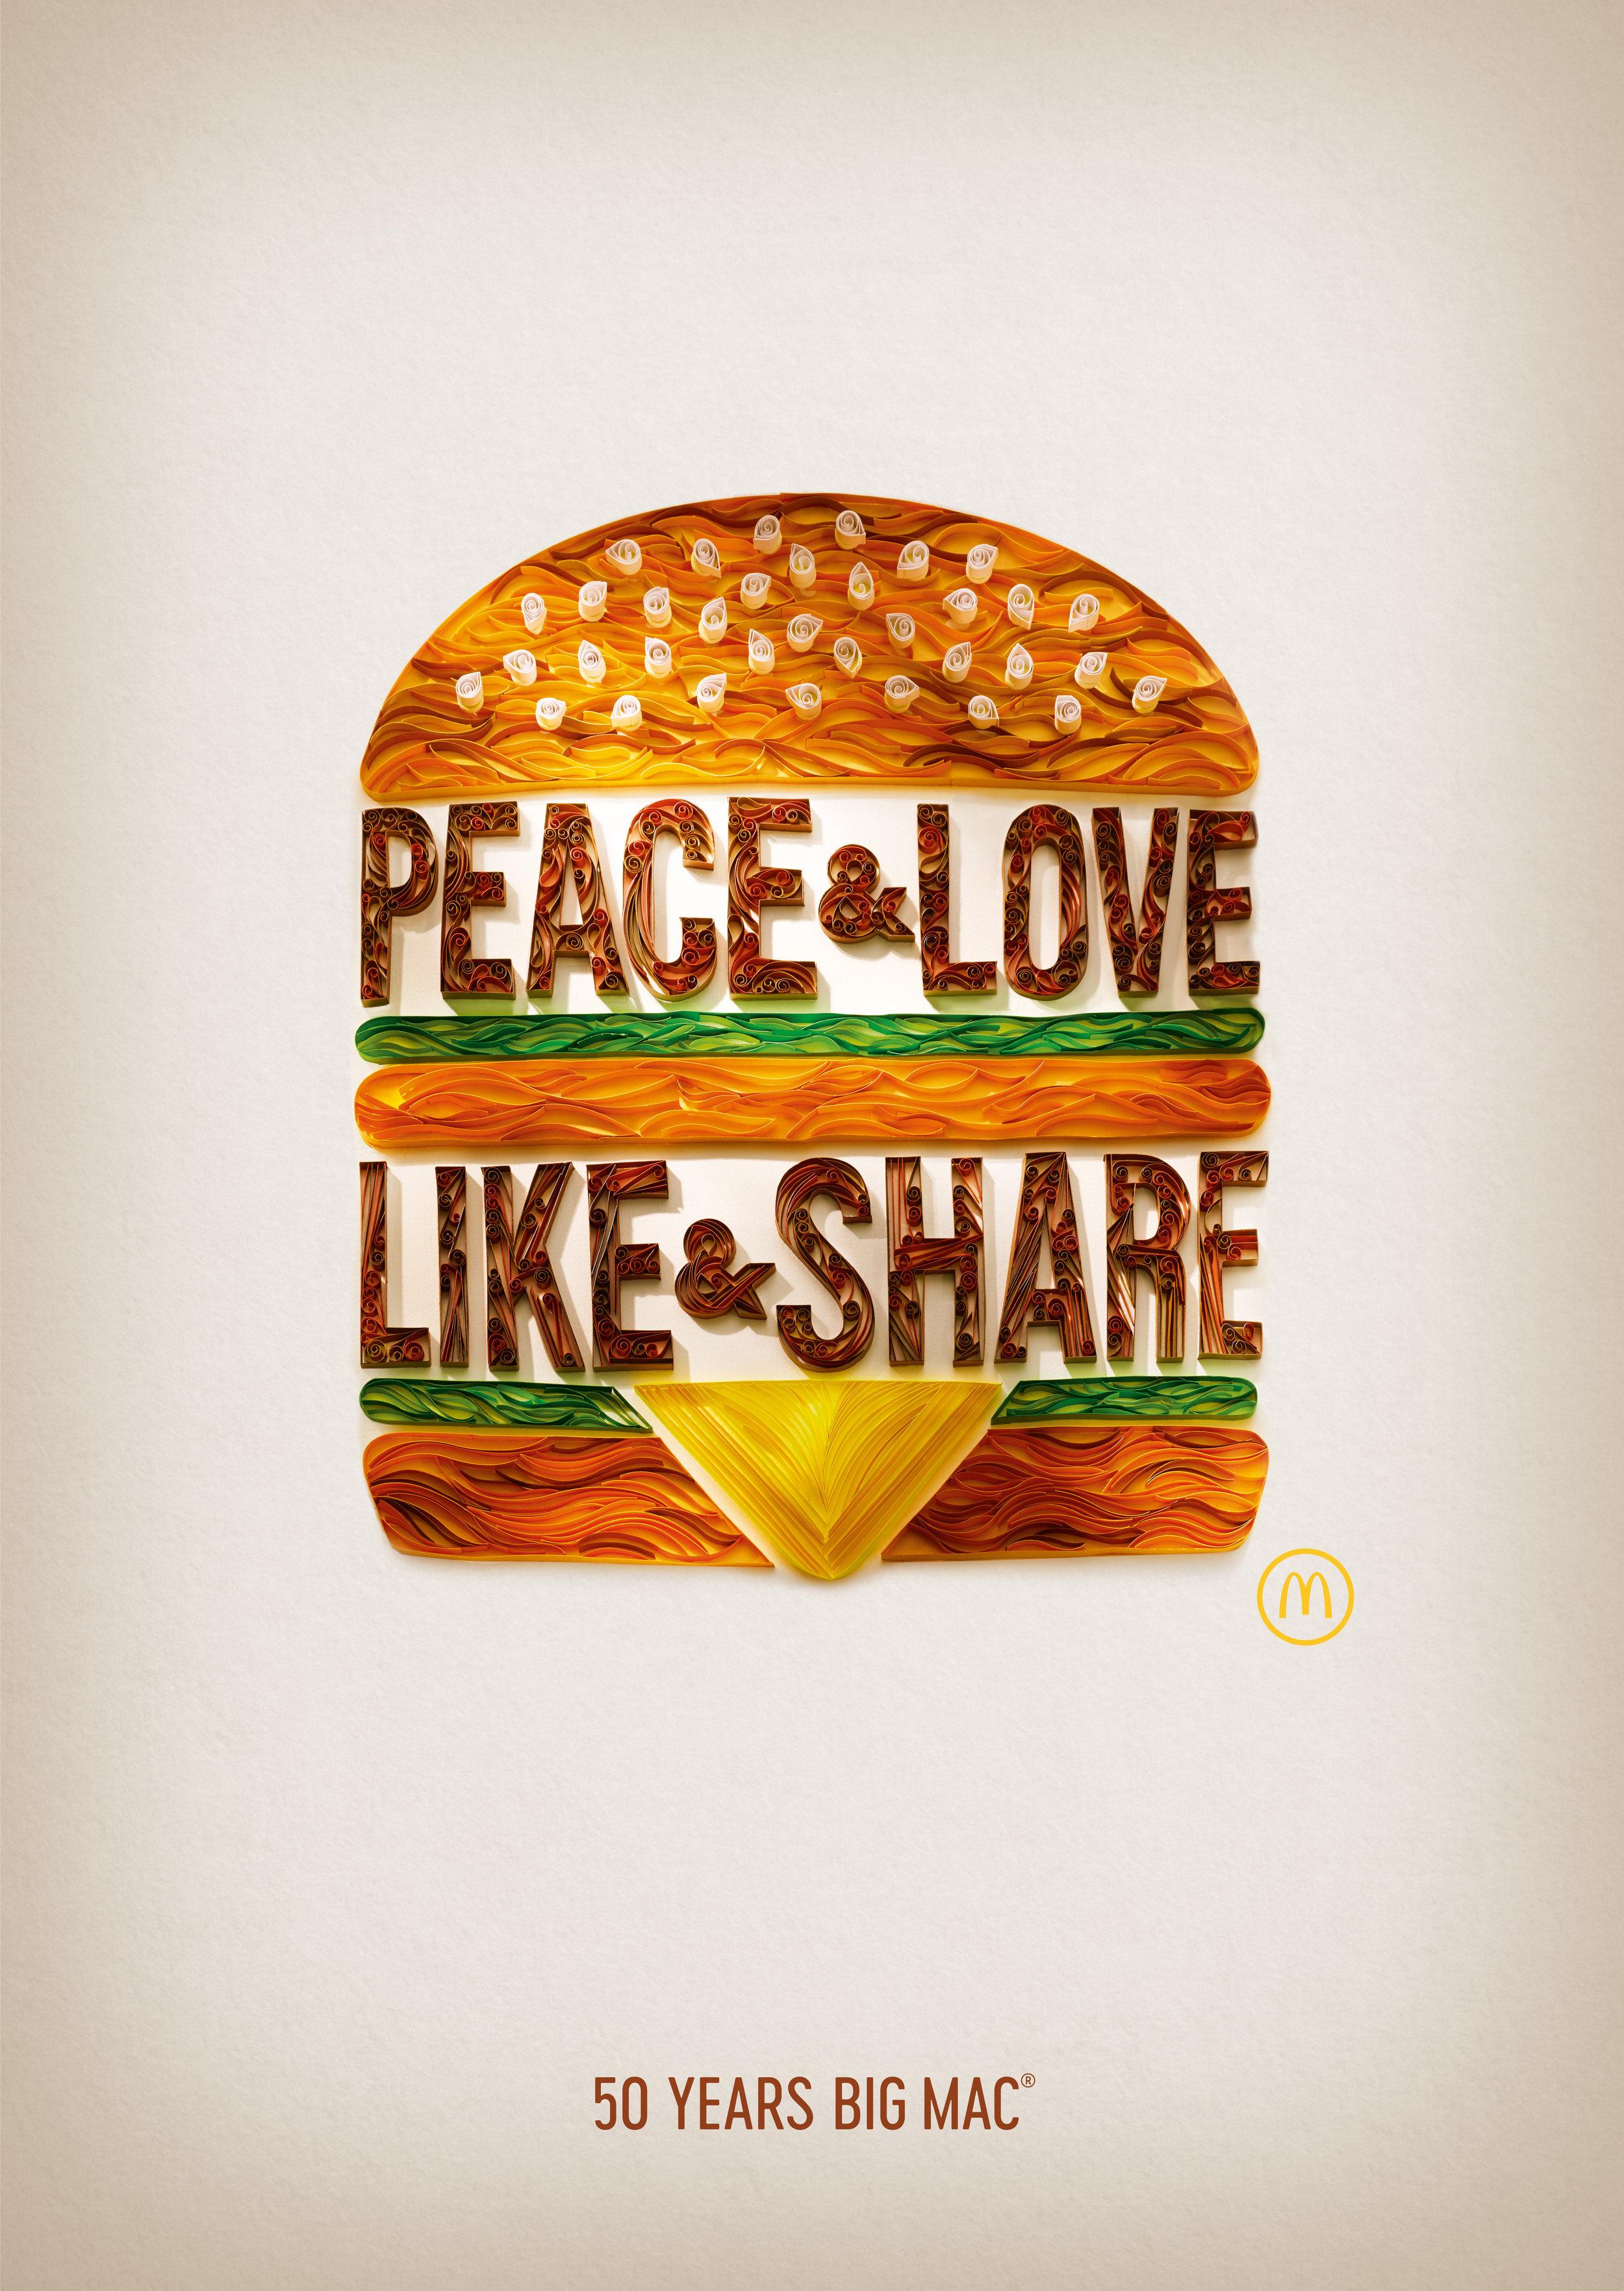 37_PeaceAndLove:LikeAndShare.jpg